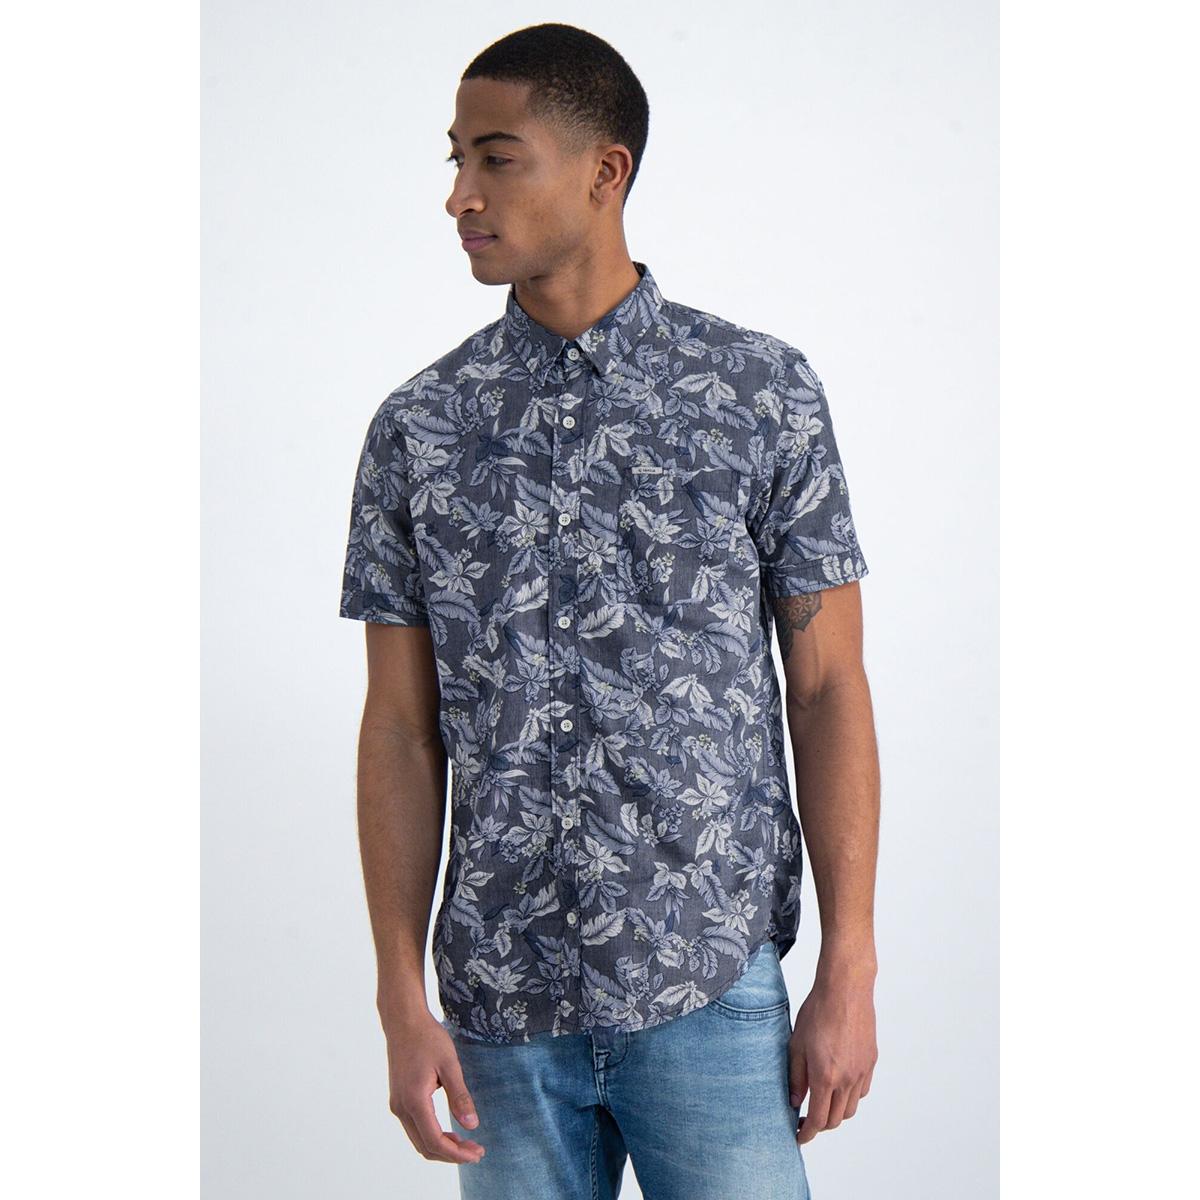 overhemd met botanische print o01037 garcia overhemd 292 dark moon